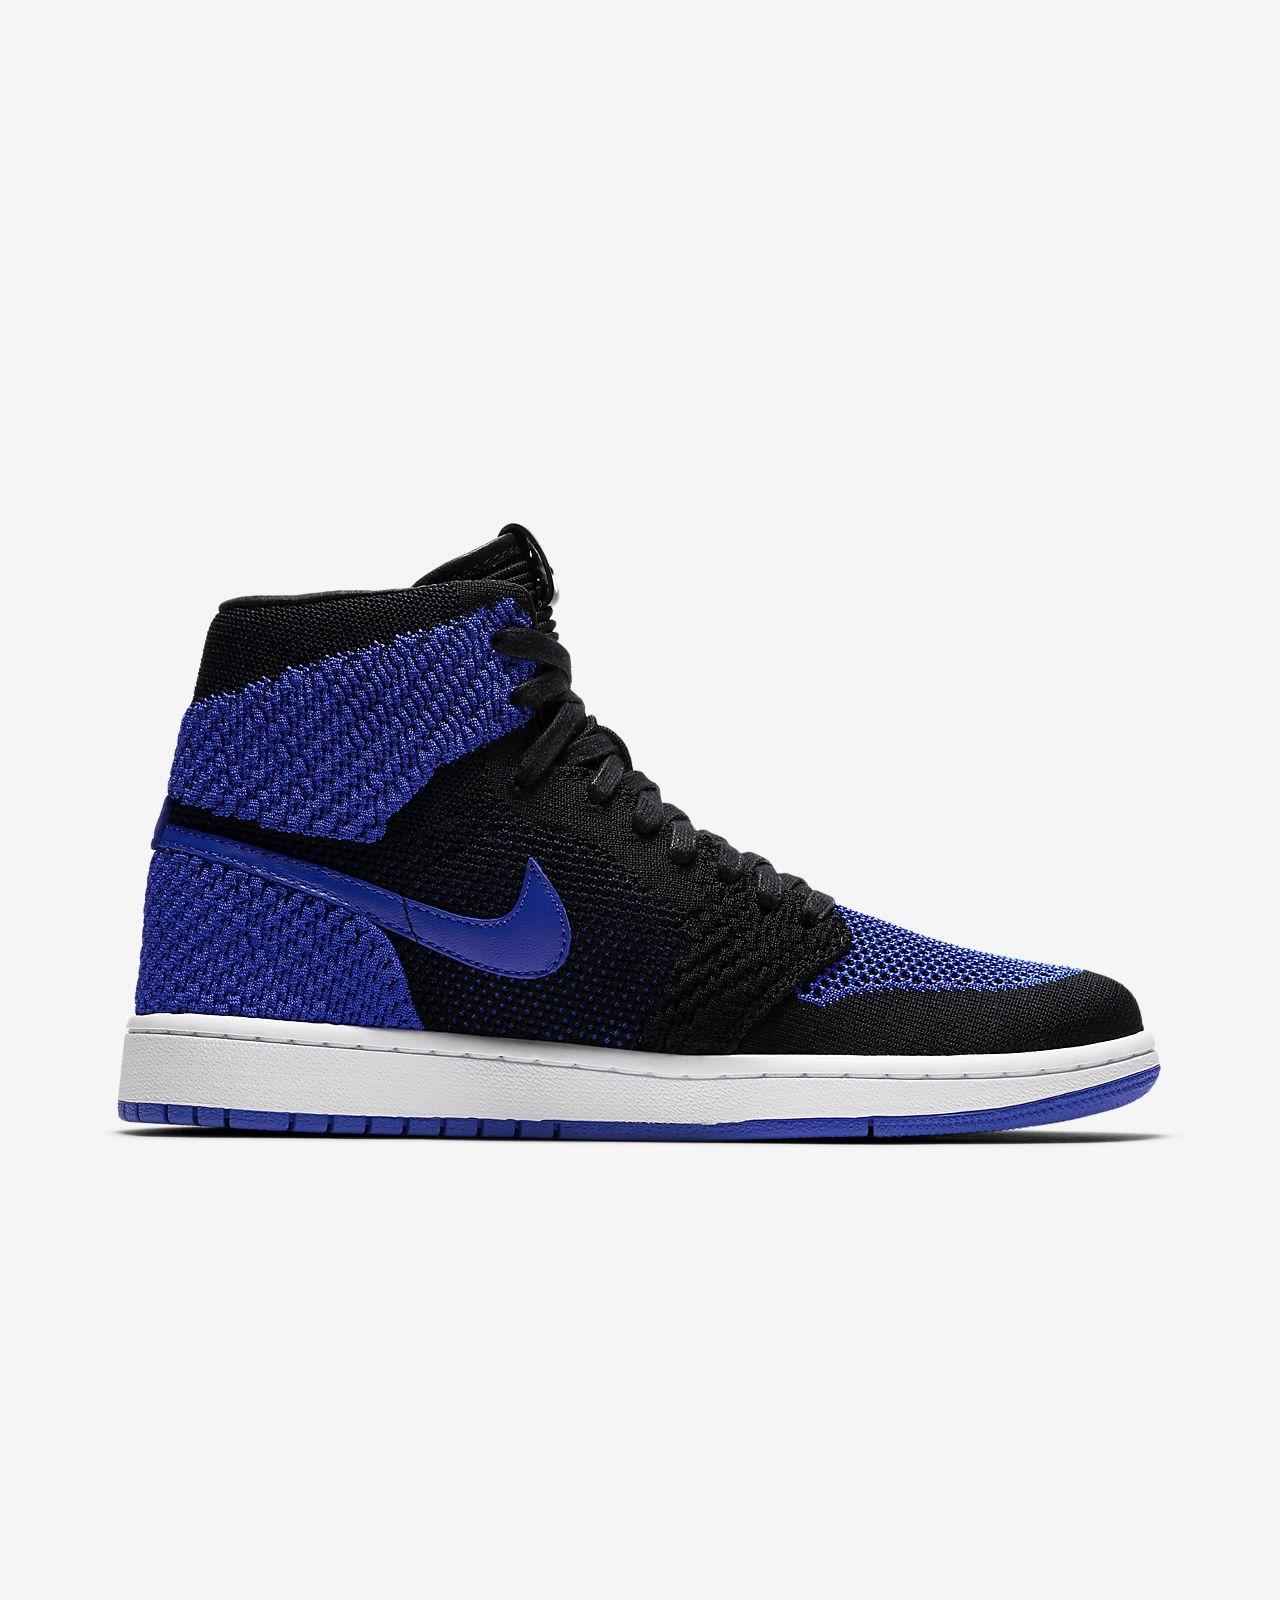 2af5d36b4a07 Air Jordan 1 Retro High Flyknit Men s Shoe. Nike.com AT